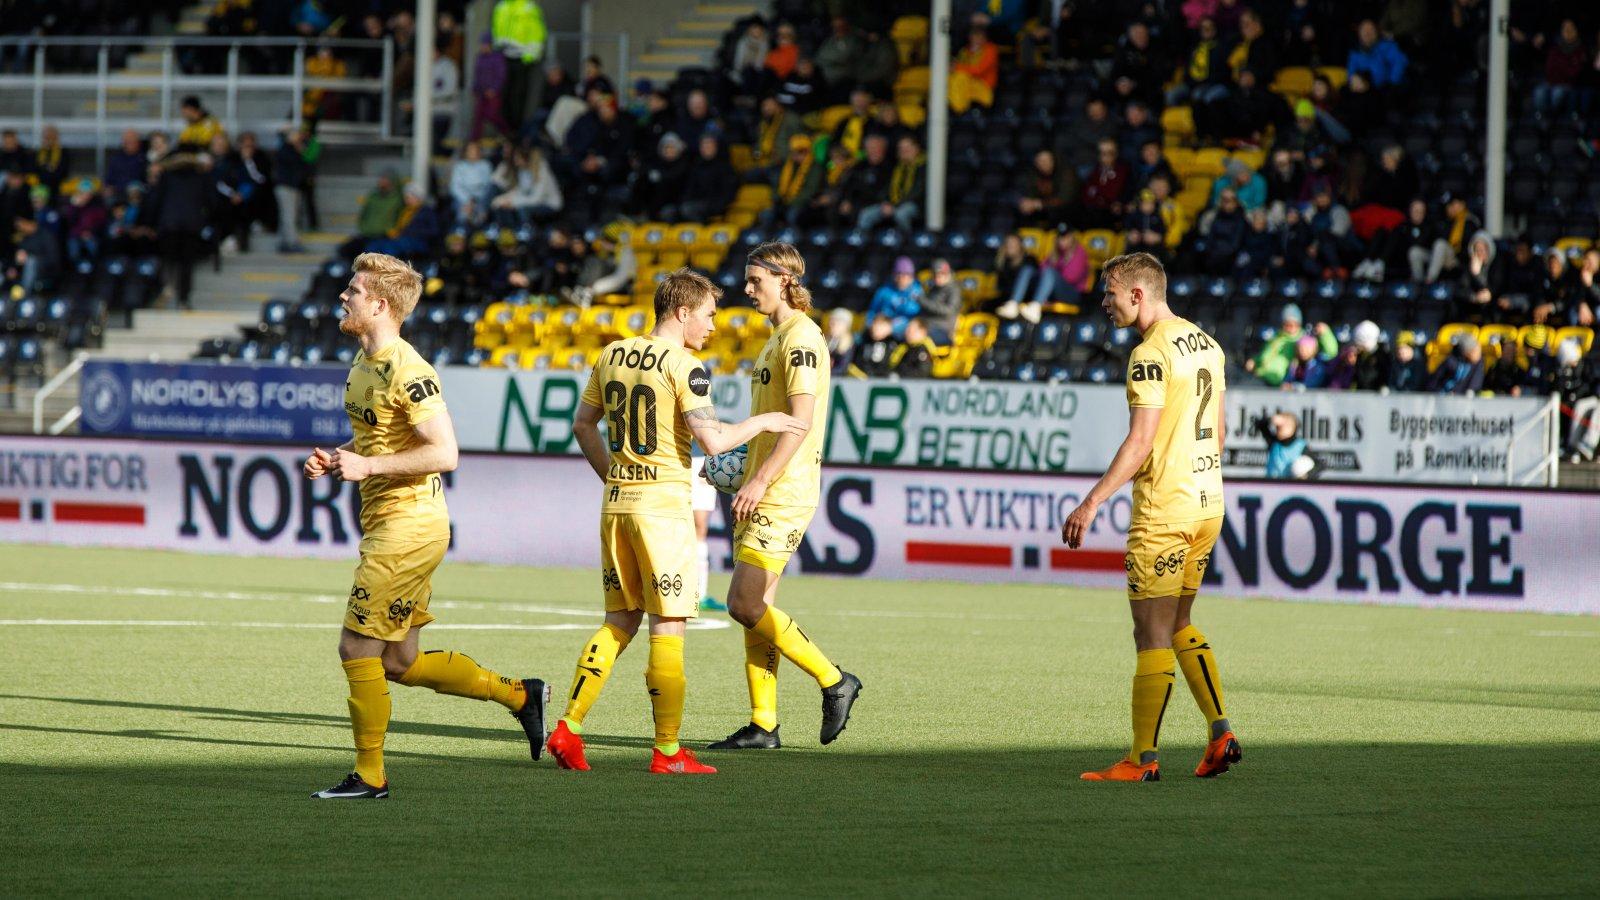 Emil Jonassen, Trond Olsen, Ulrik Saltnes og Marius Lode under kampen mot Strømsgodset.